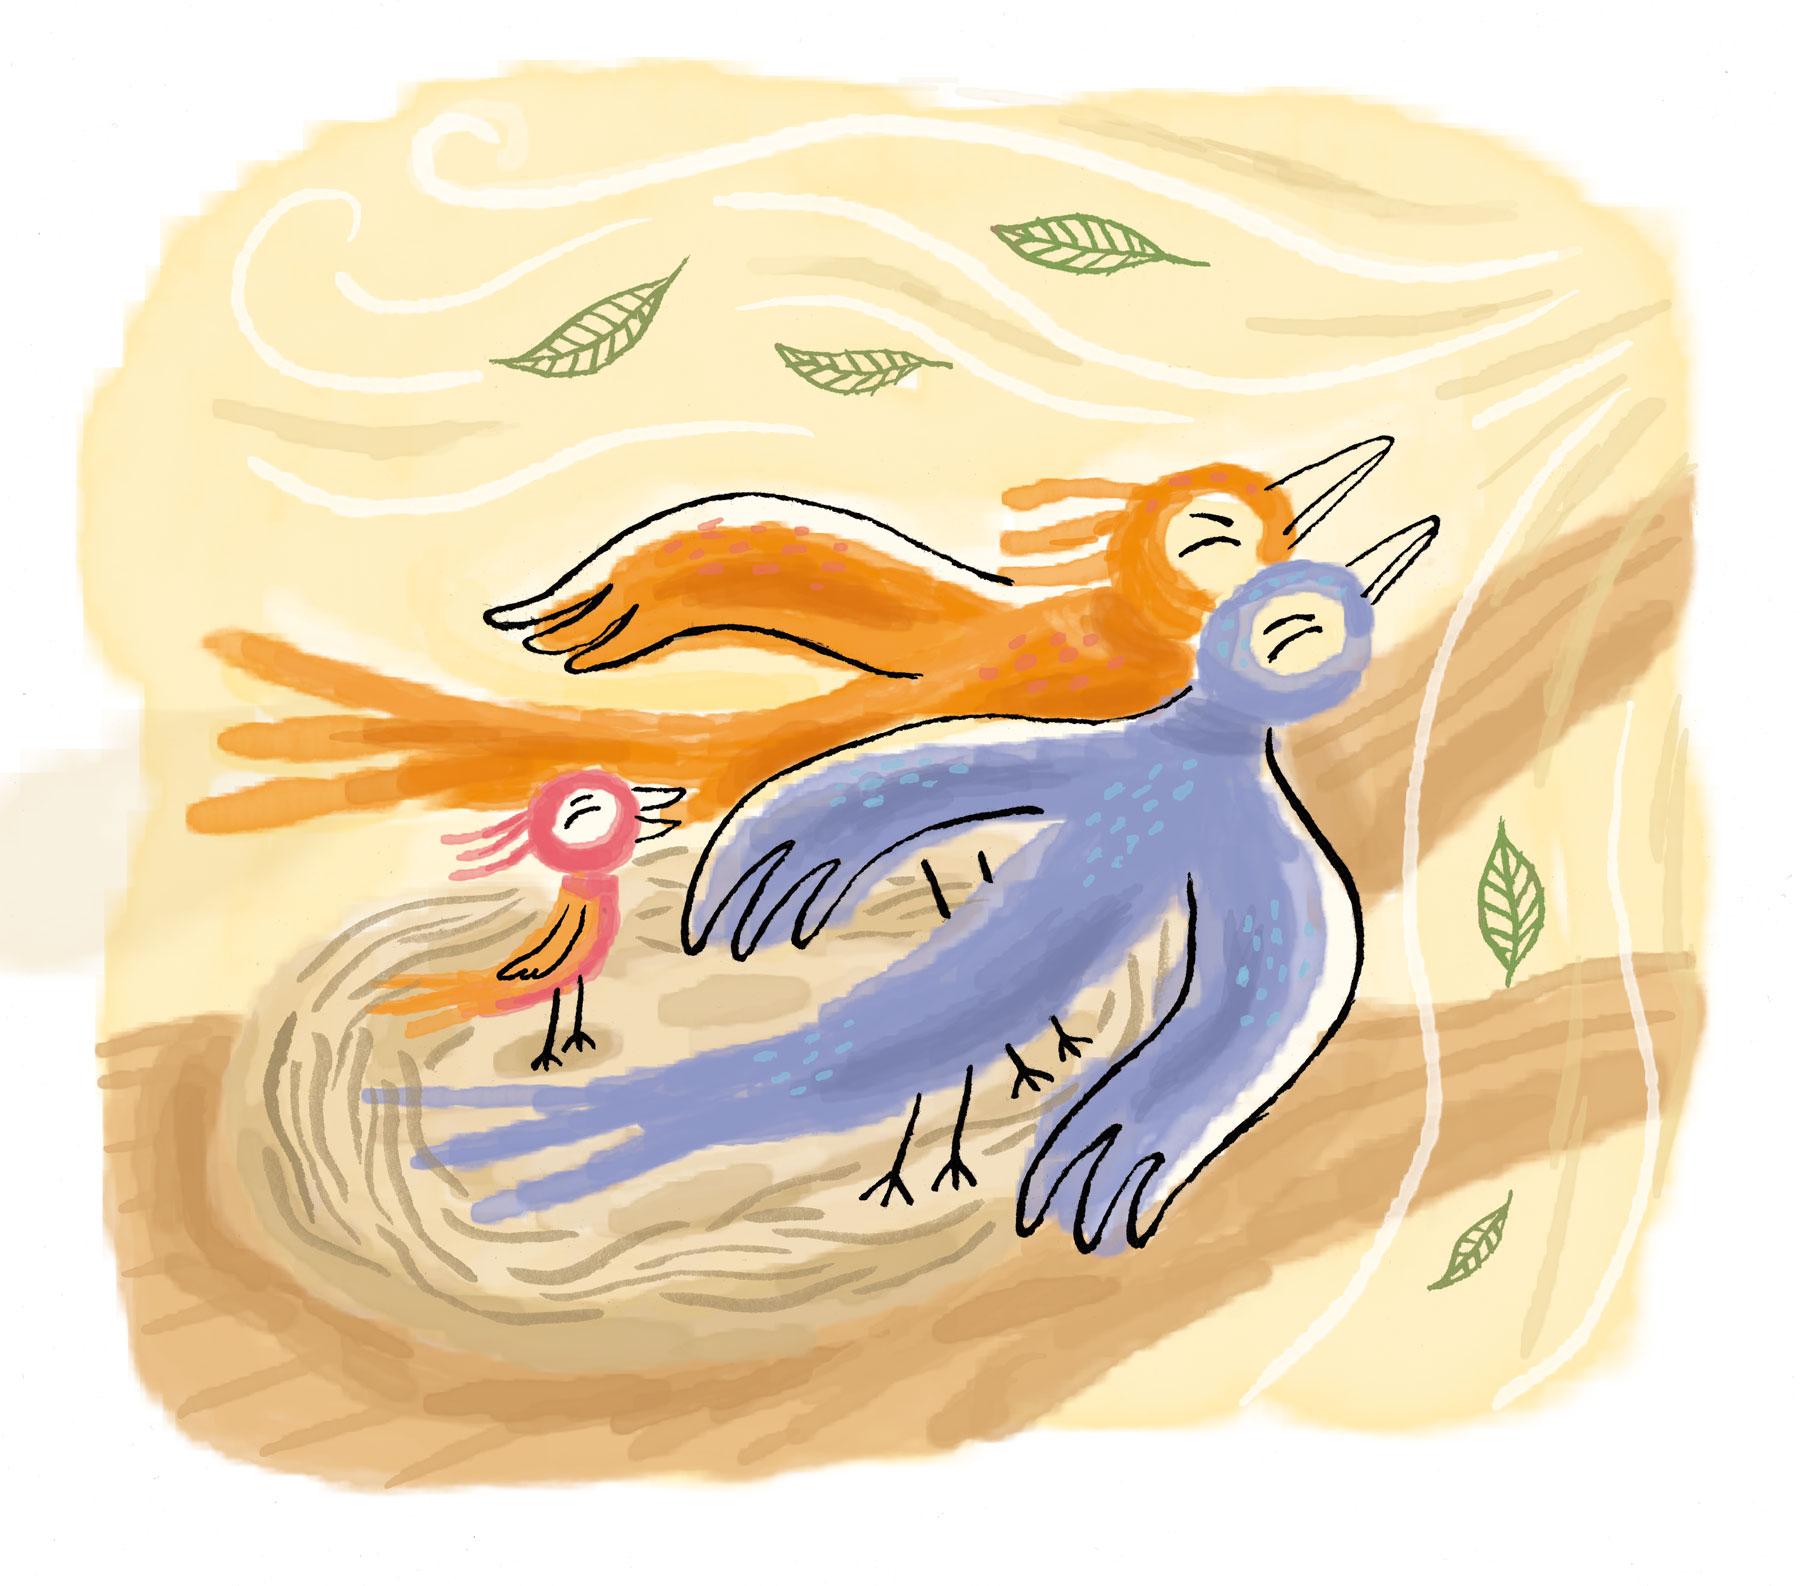 illustration de presse pour le magasine Pomme d'api soleil édité par Bayard Presse et illustré par Nathalie Dieterlé